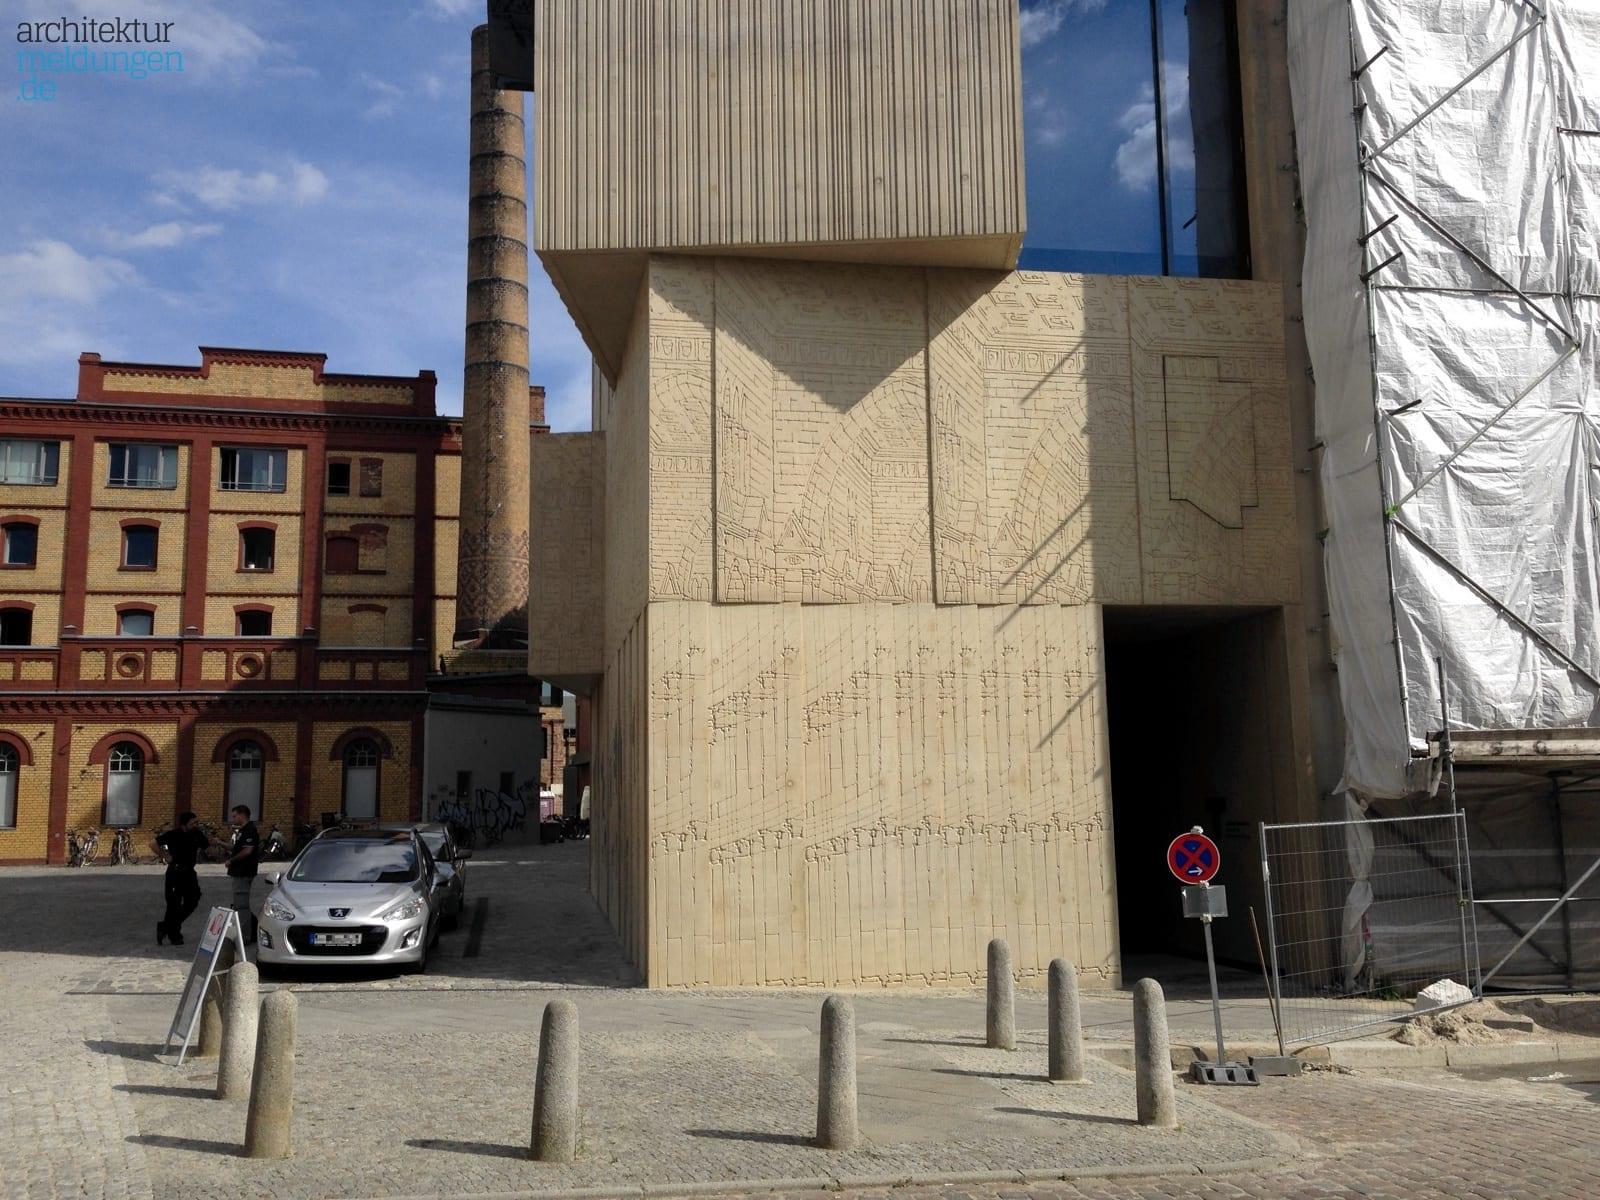 museum-architektur-zeichnung-berlin-pfefferberg-IMG_8320.jpg